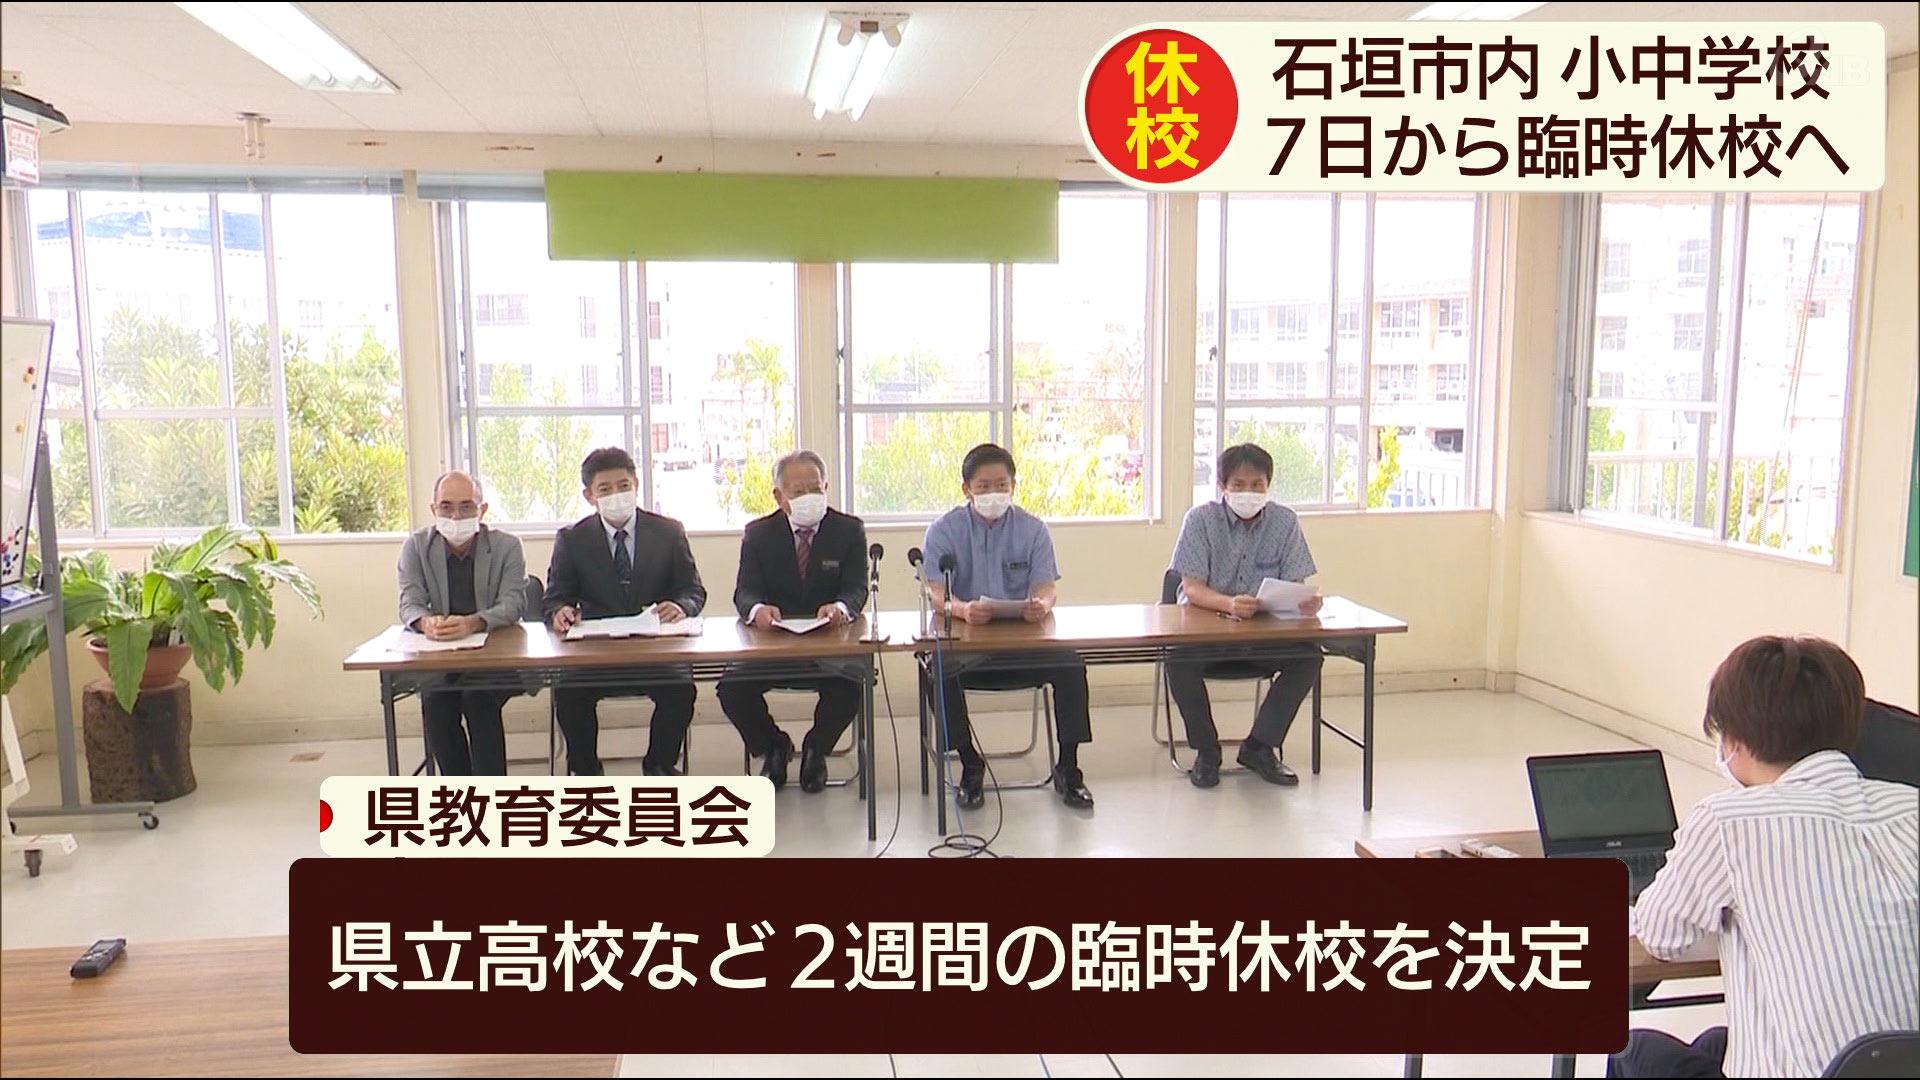 石垣市で小中学校の始業式・入学式を延期